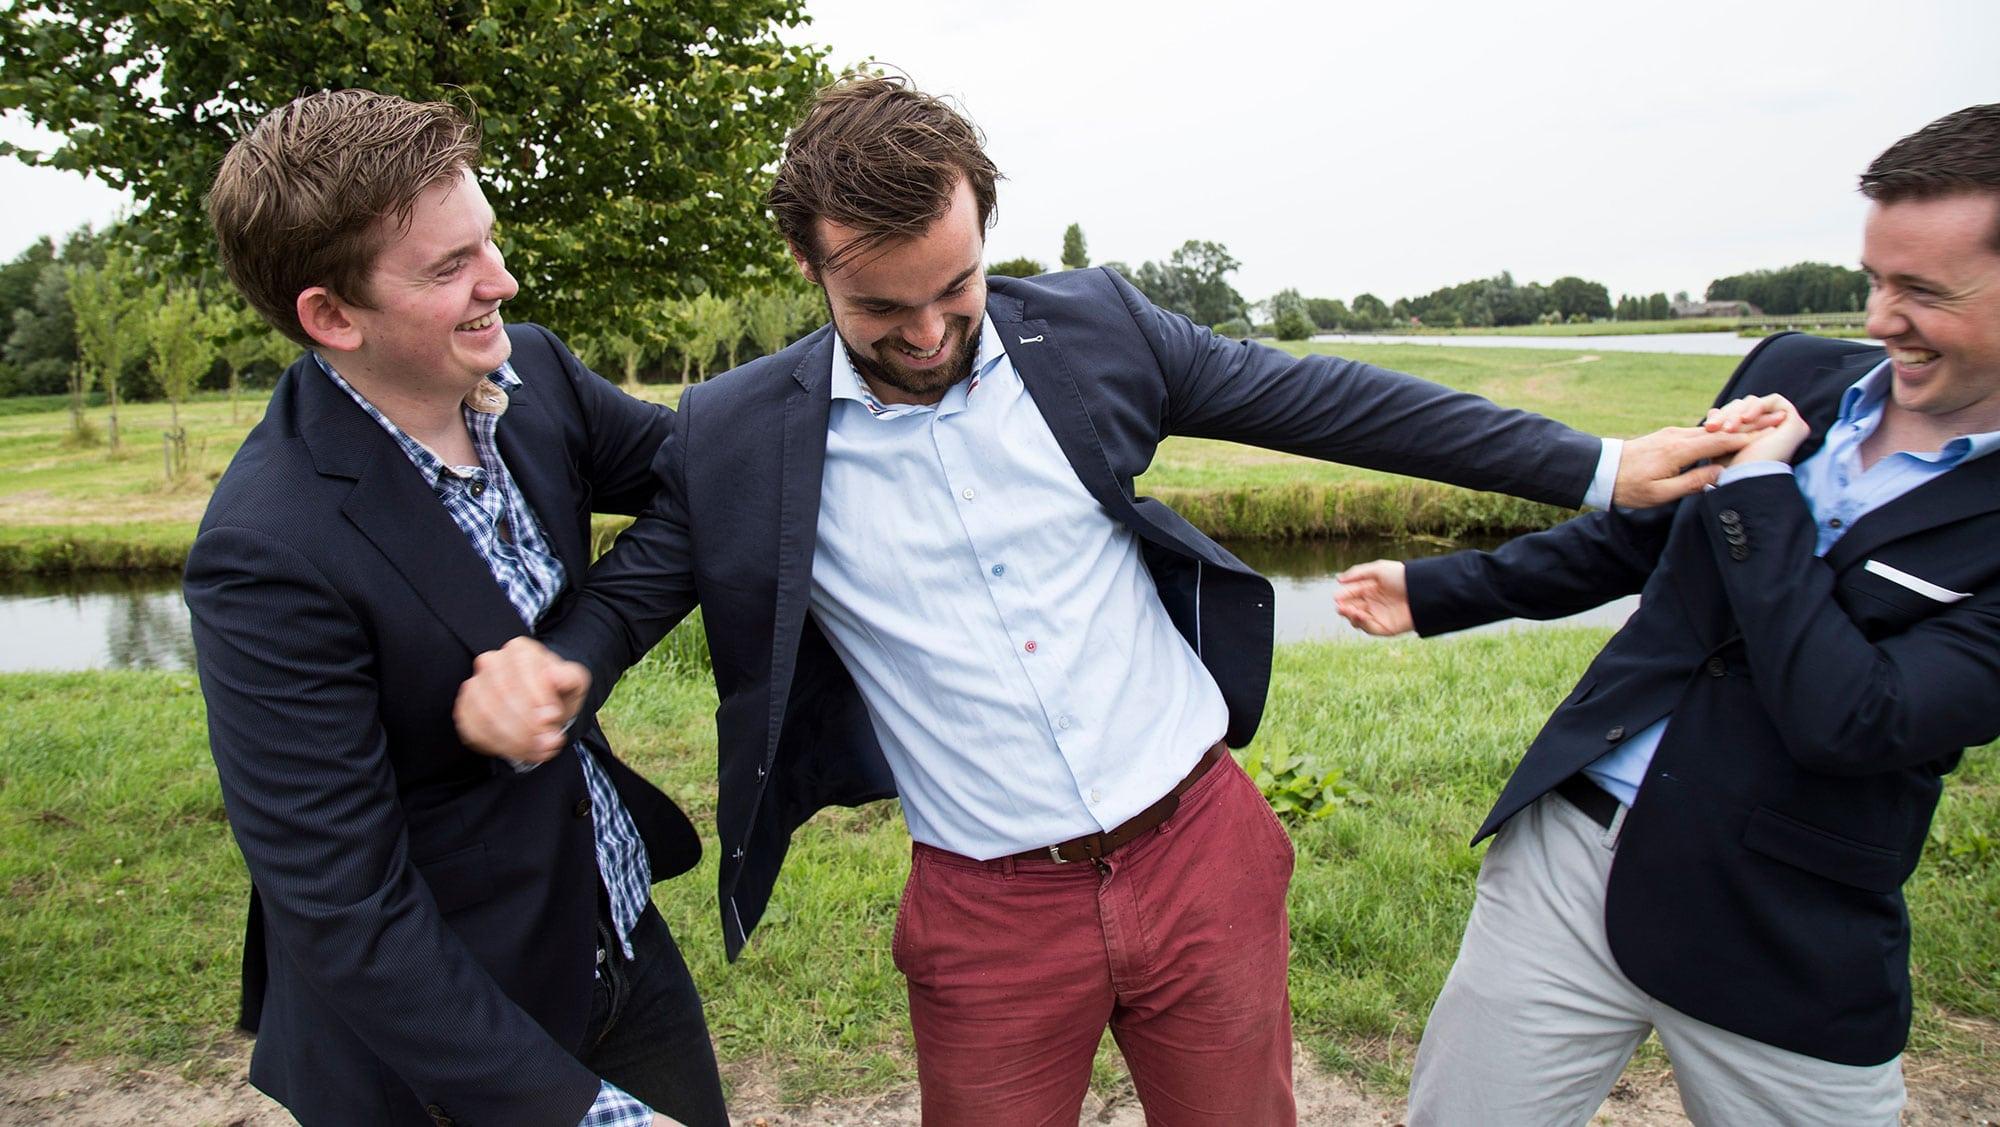 Familie fotoshoot Utrecht fotograaf